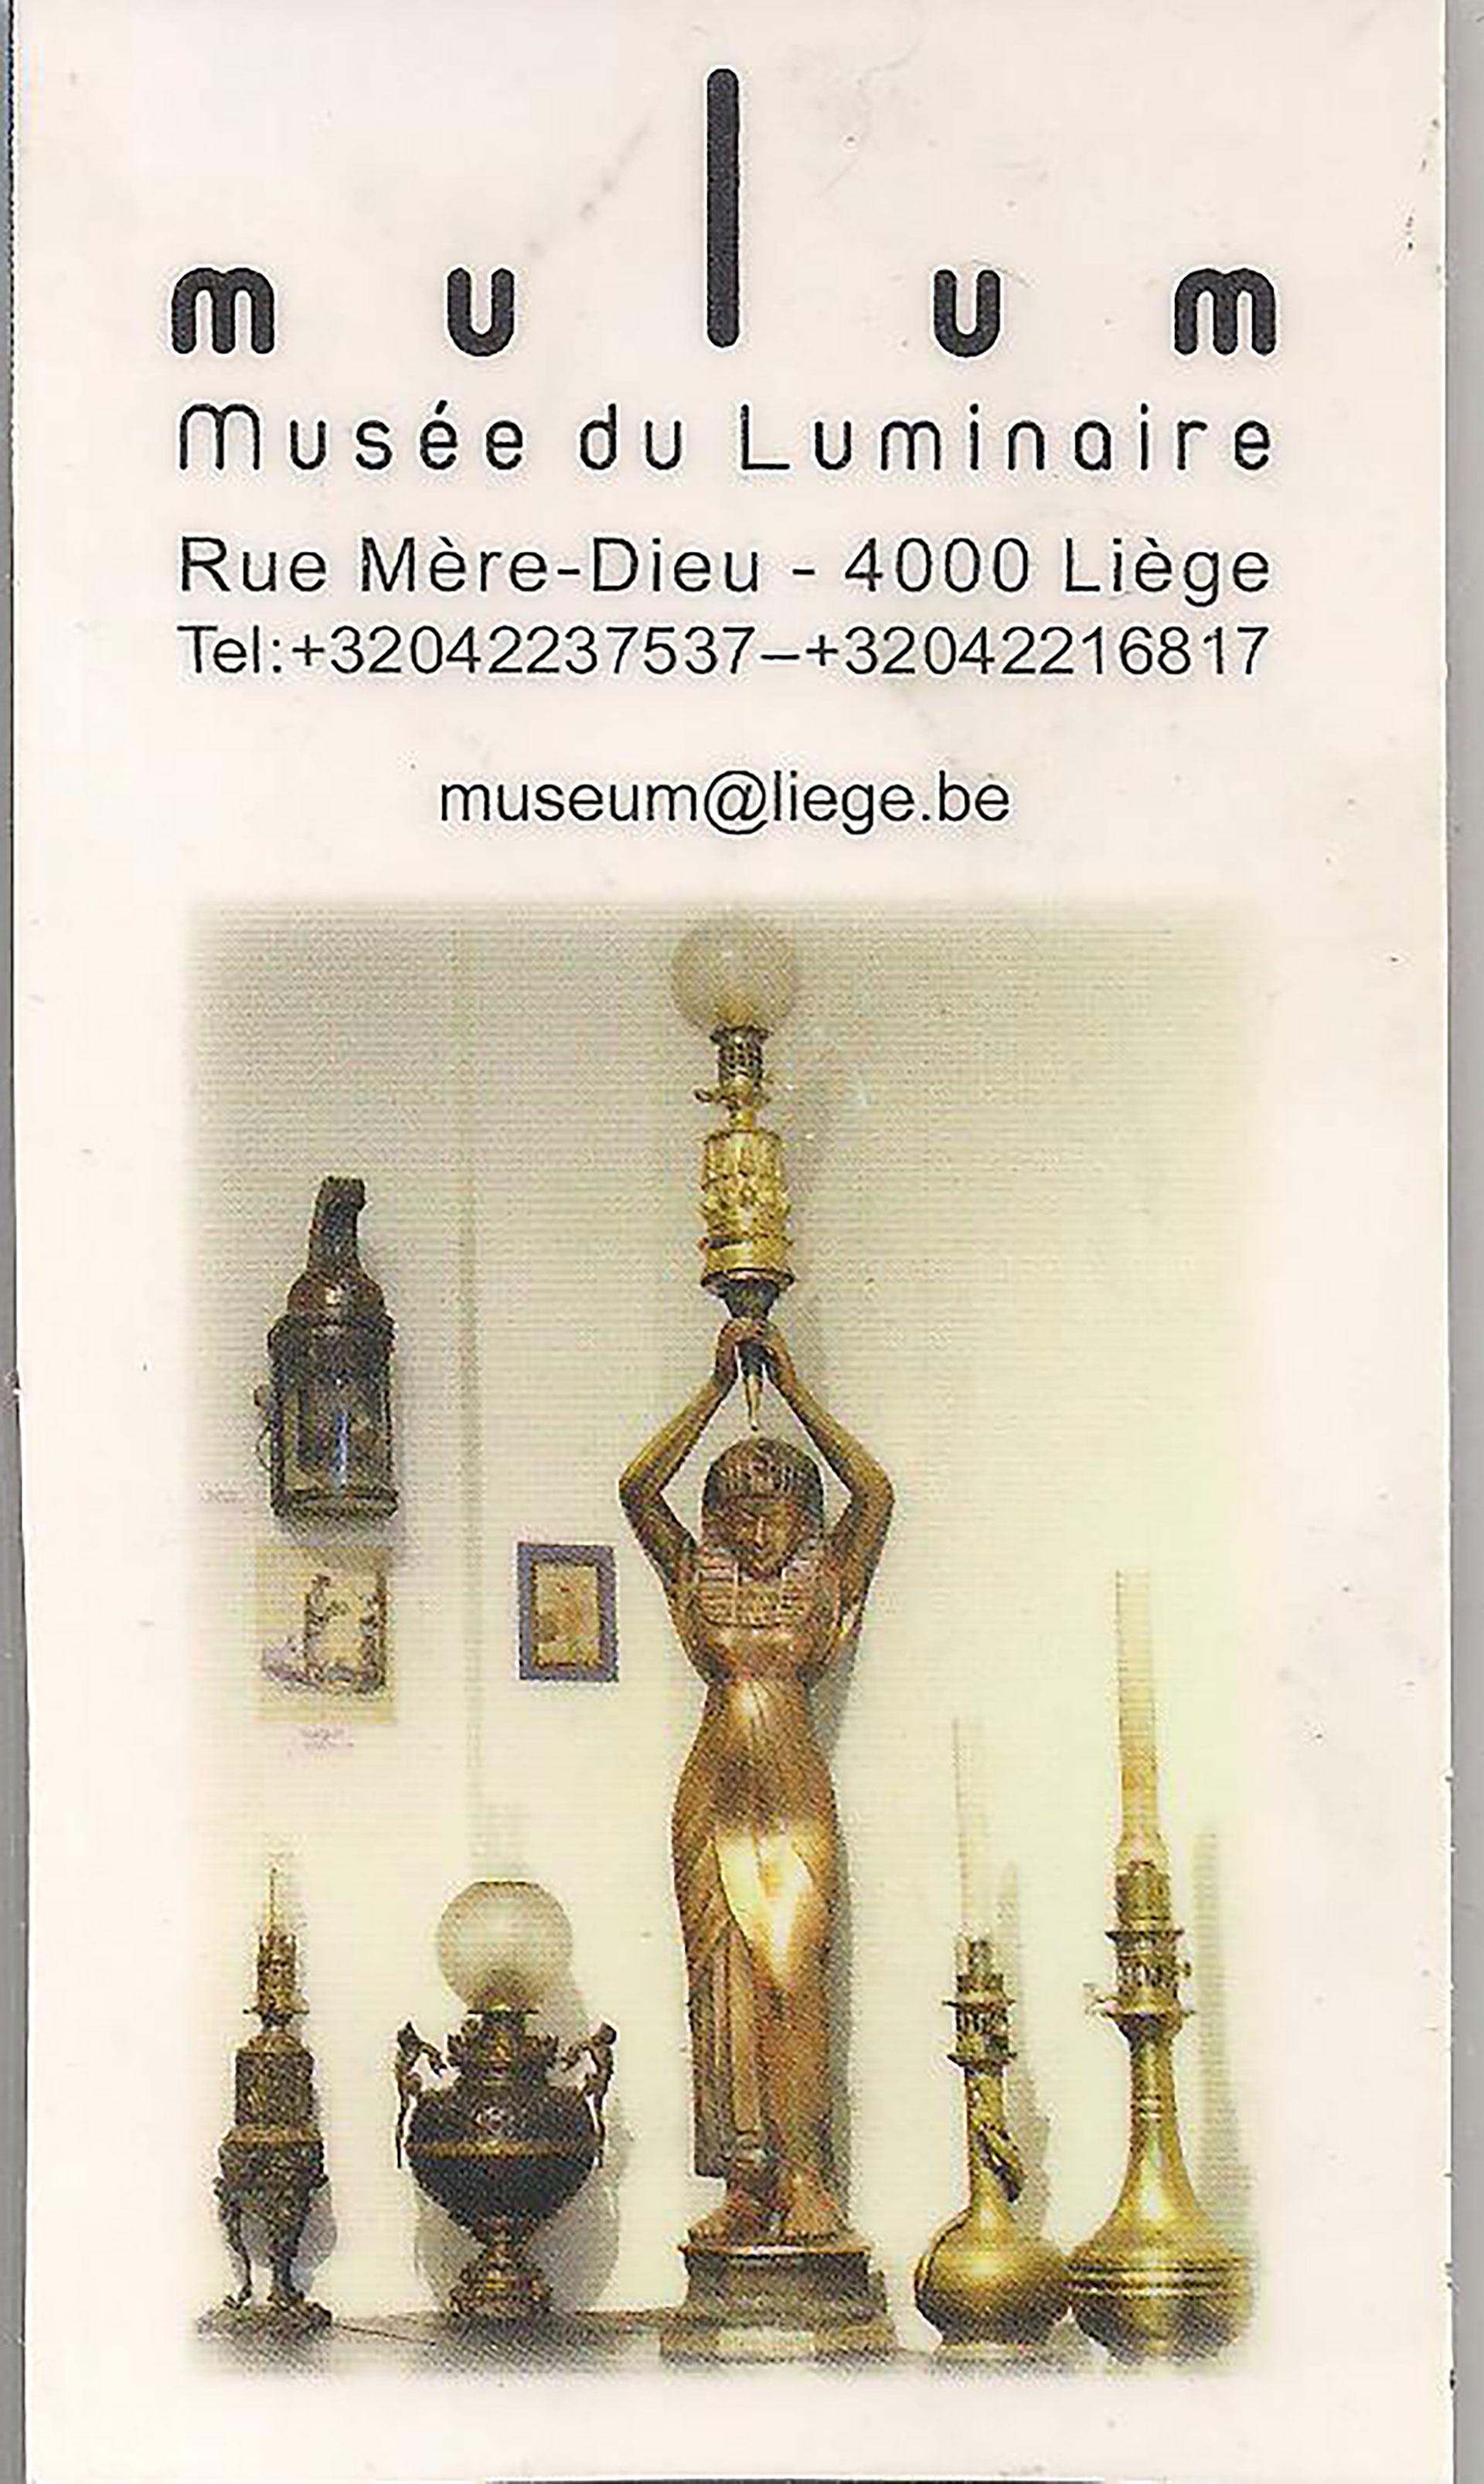 Musée - liégeois - Luminaire - Mulum - Affiche